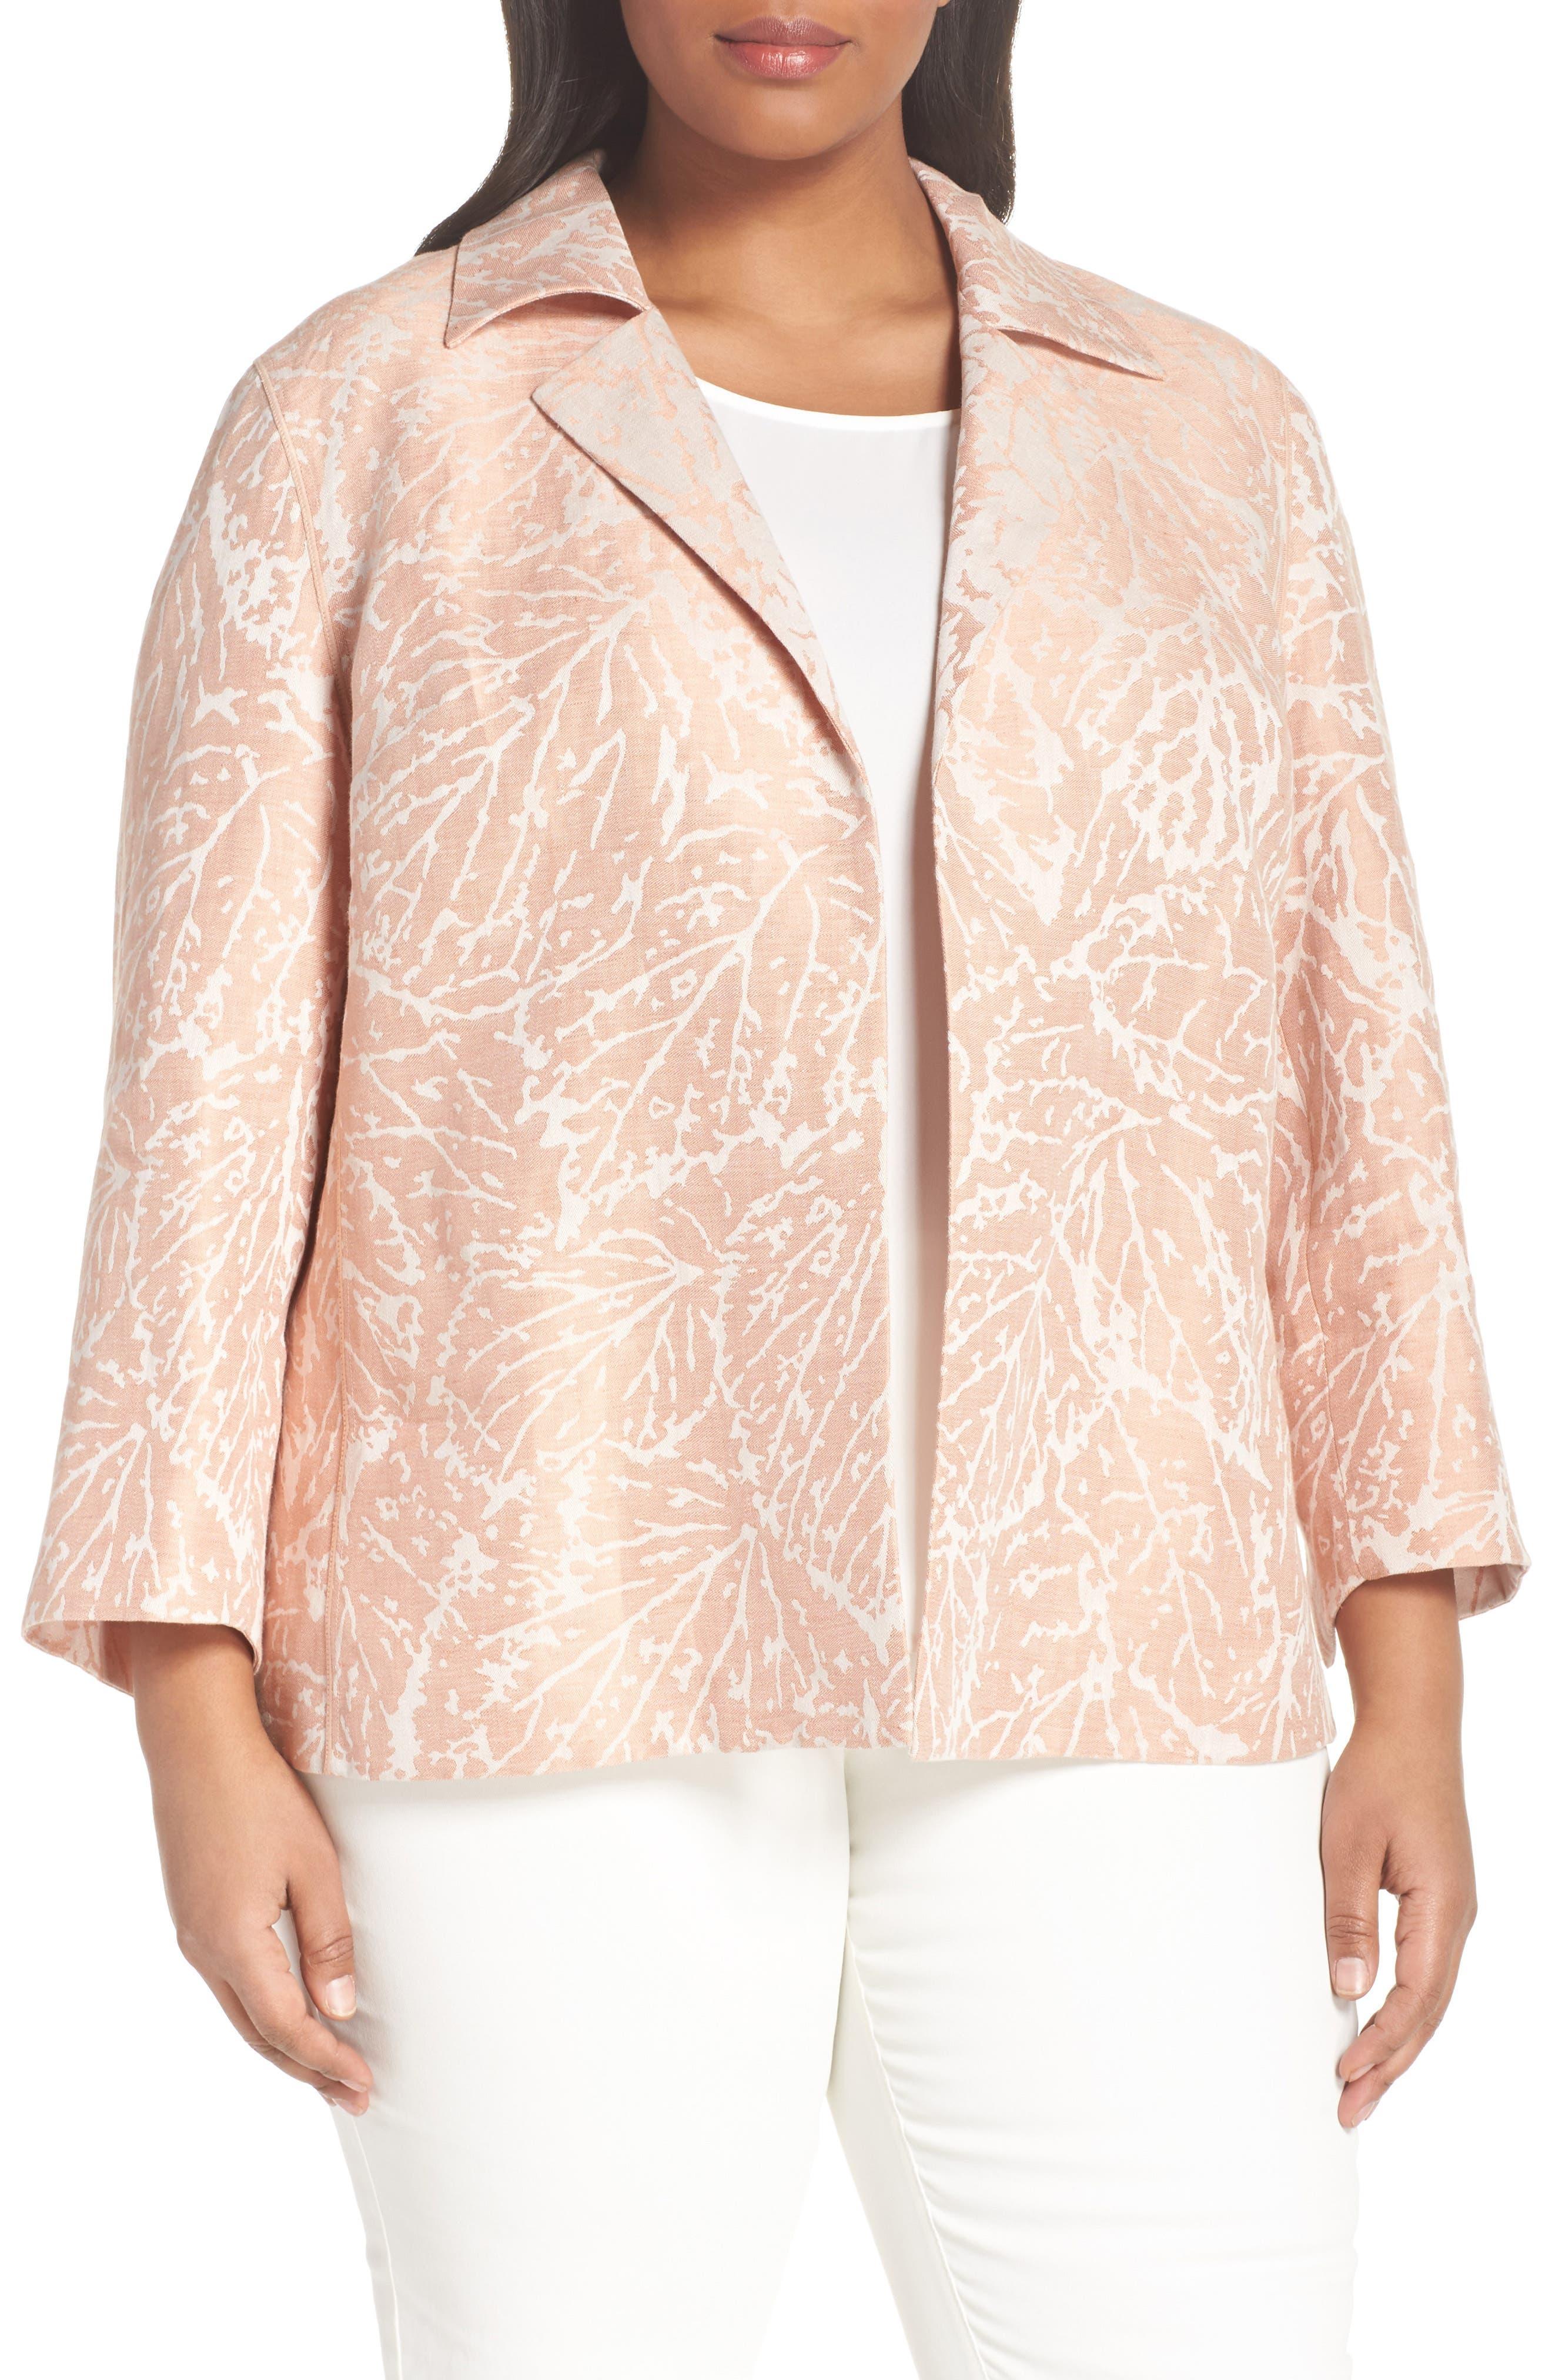 Phillipe Linen Jacket,                         Main,                         color, 958